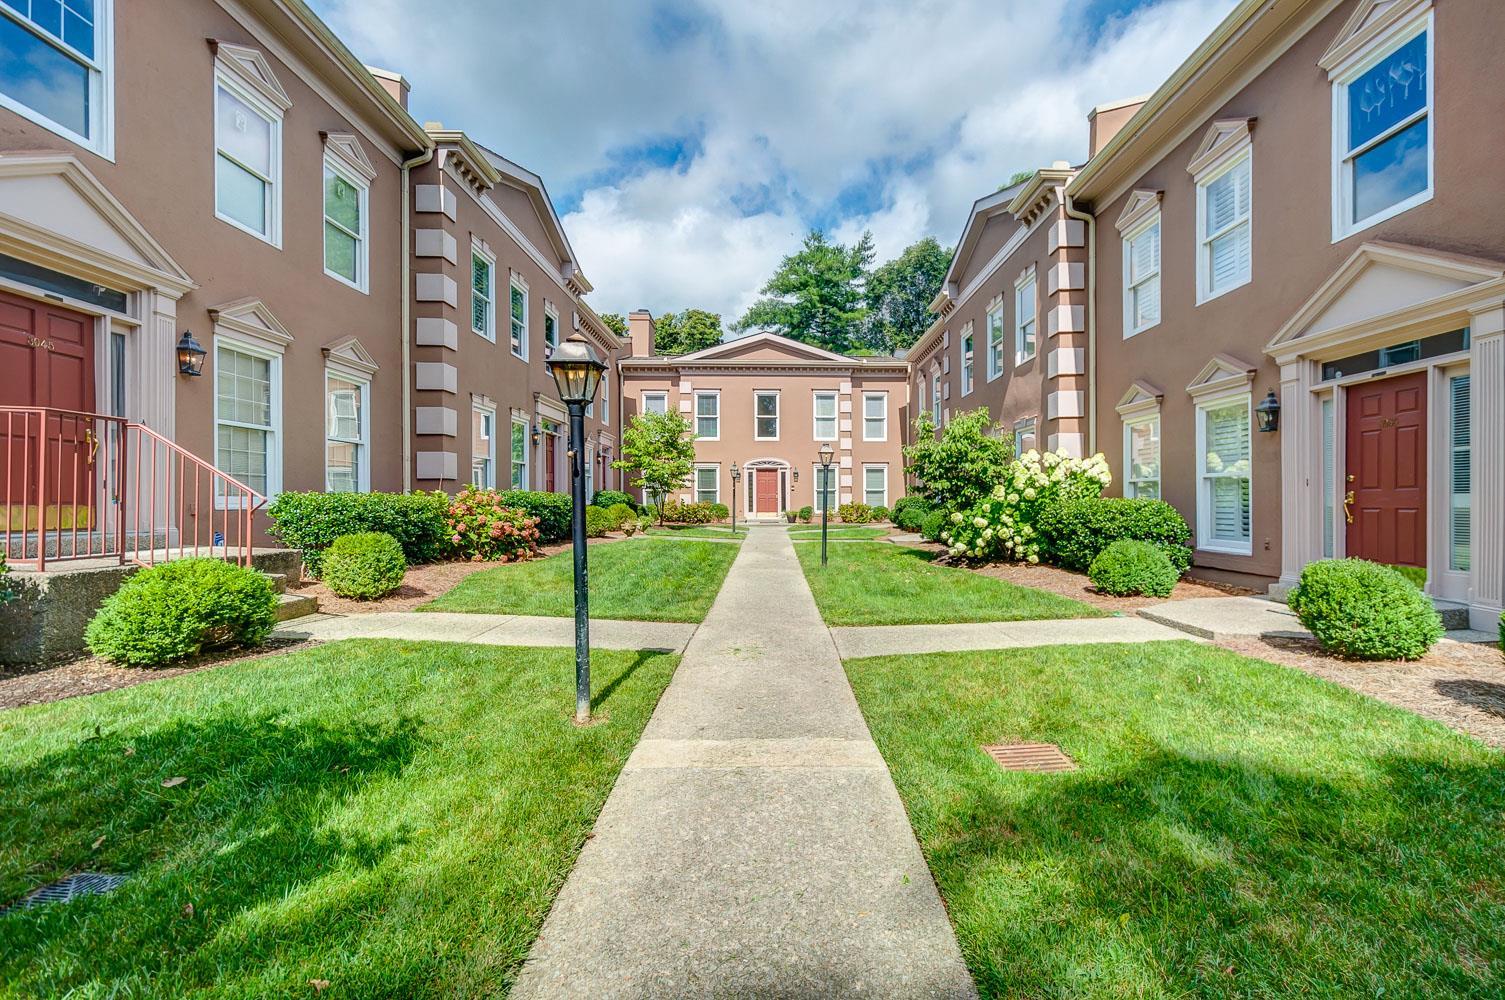 3051 Woodlawn Dr, Nashville, TN 37215 - Nashville, TN real estate listing